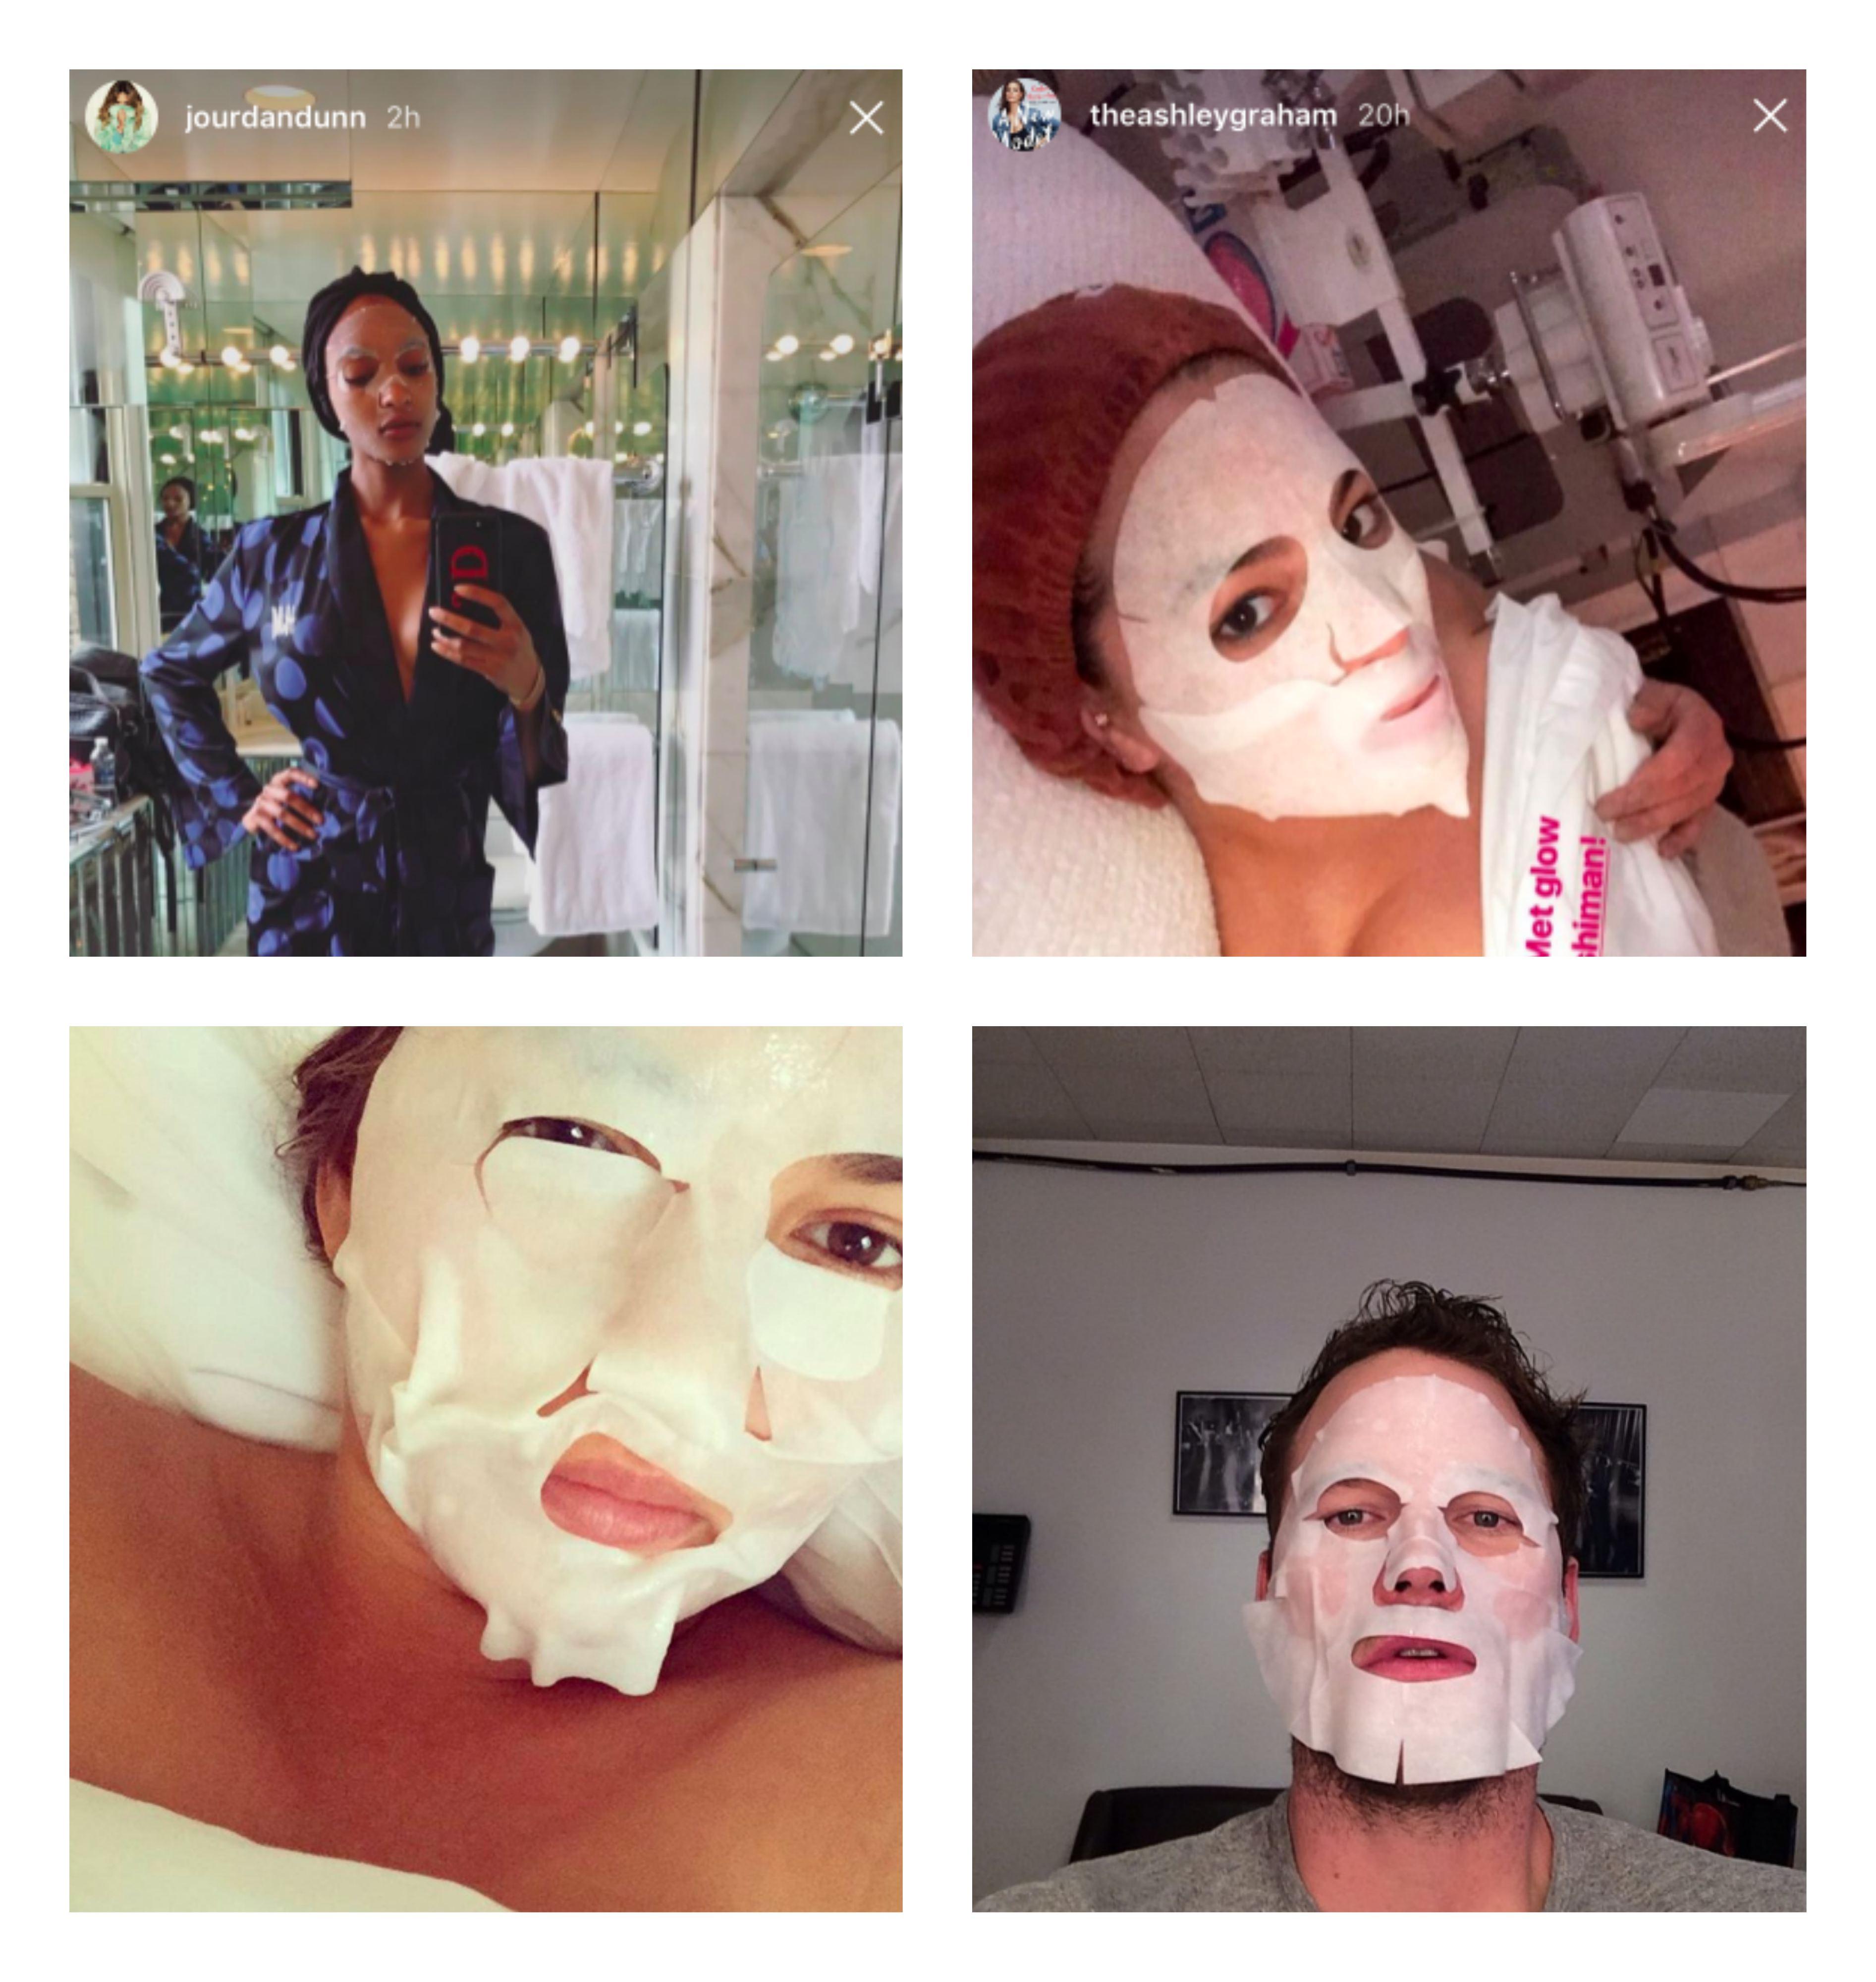 Bilder av Jourdan Dunn, Ashley Graham, Chrissy Teigen og Chris Pratt med sheet masks